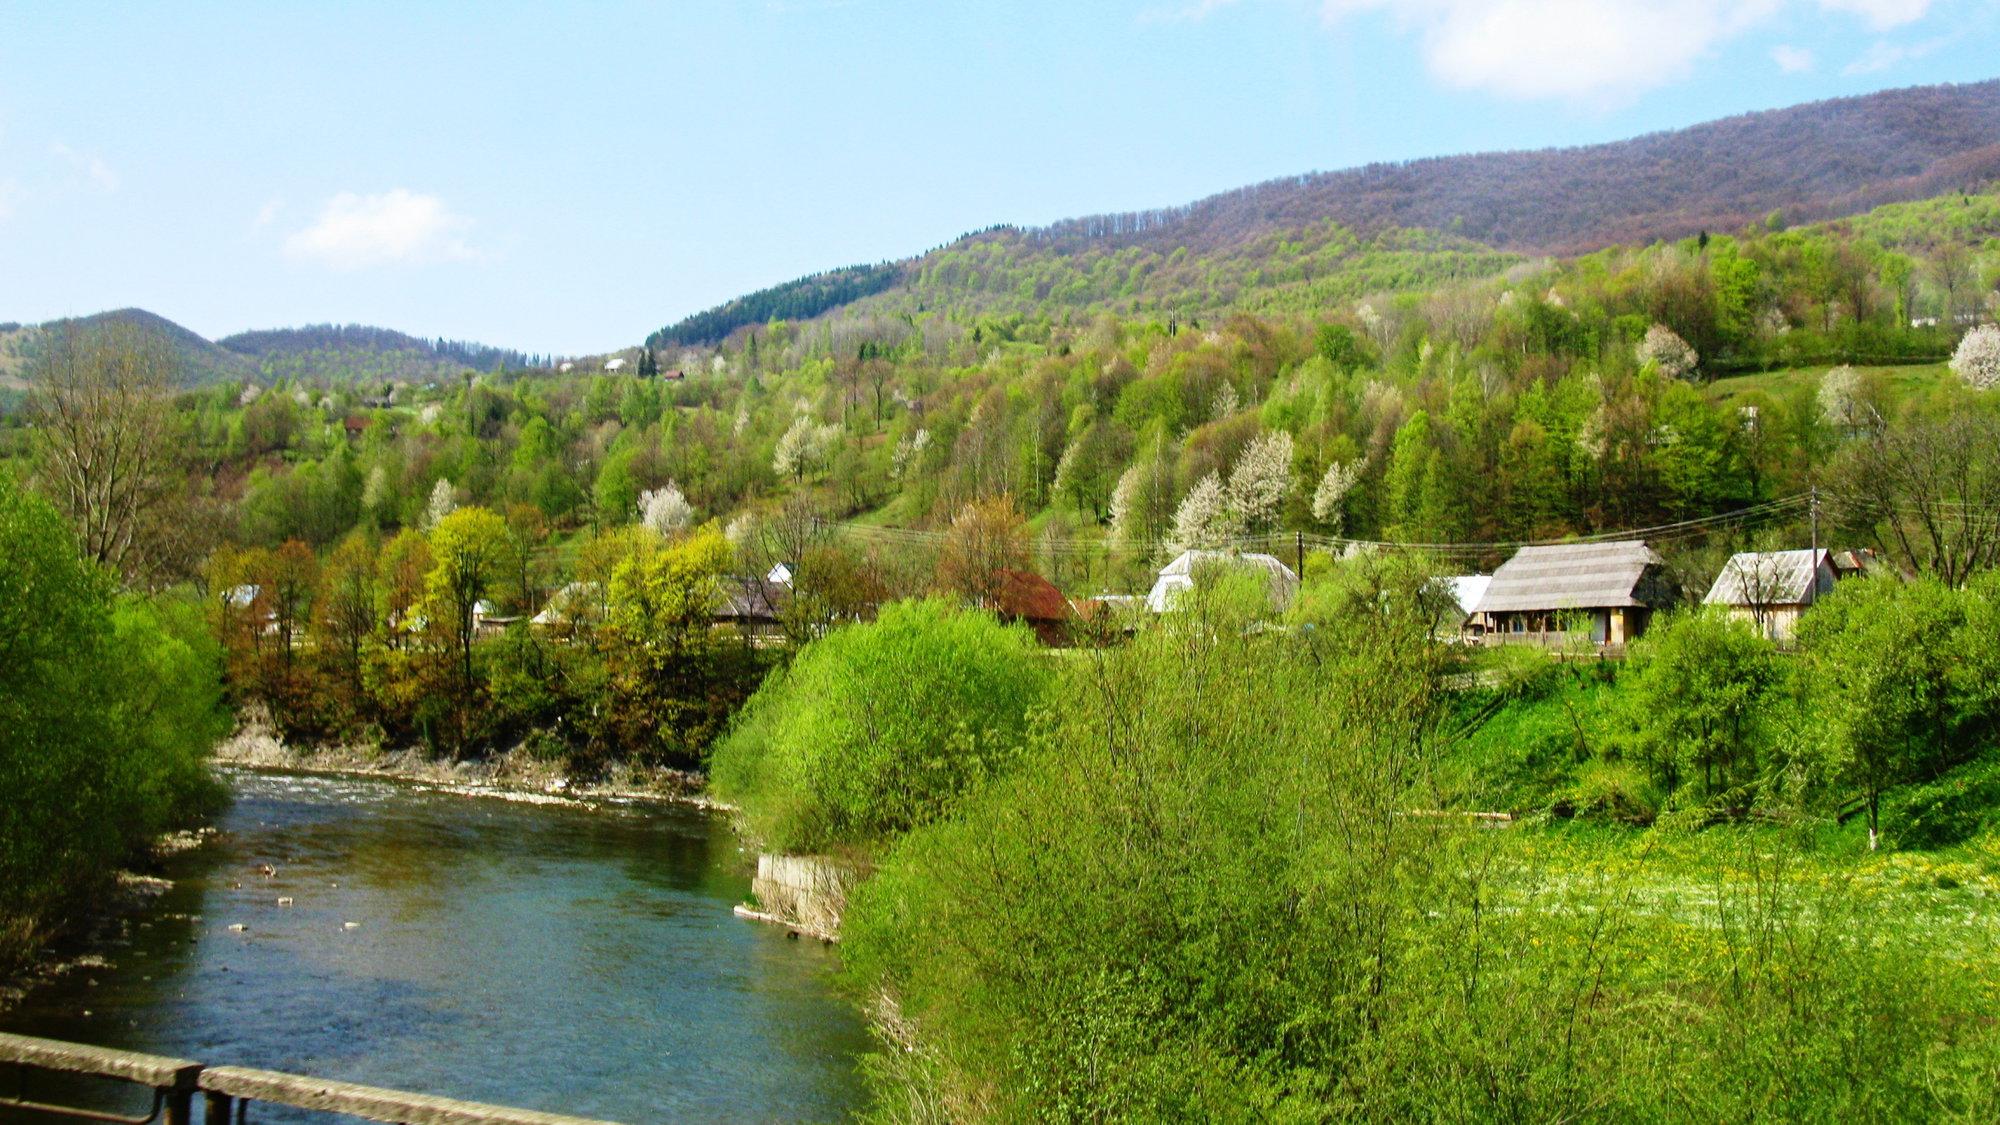 kolem vesnice se vine řeka Terebla